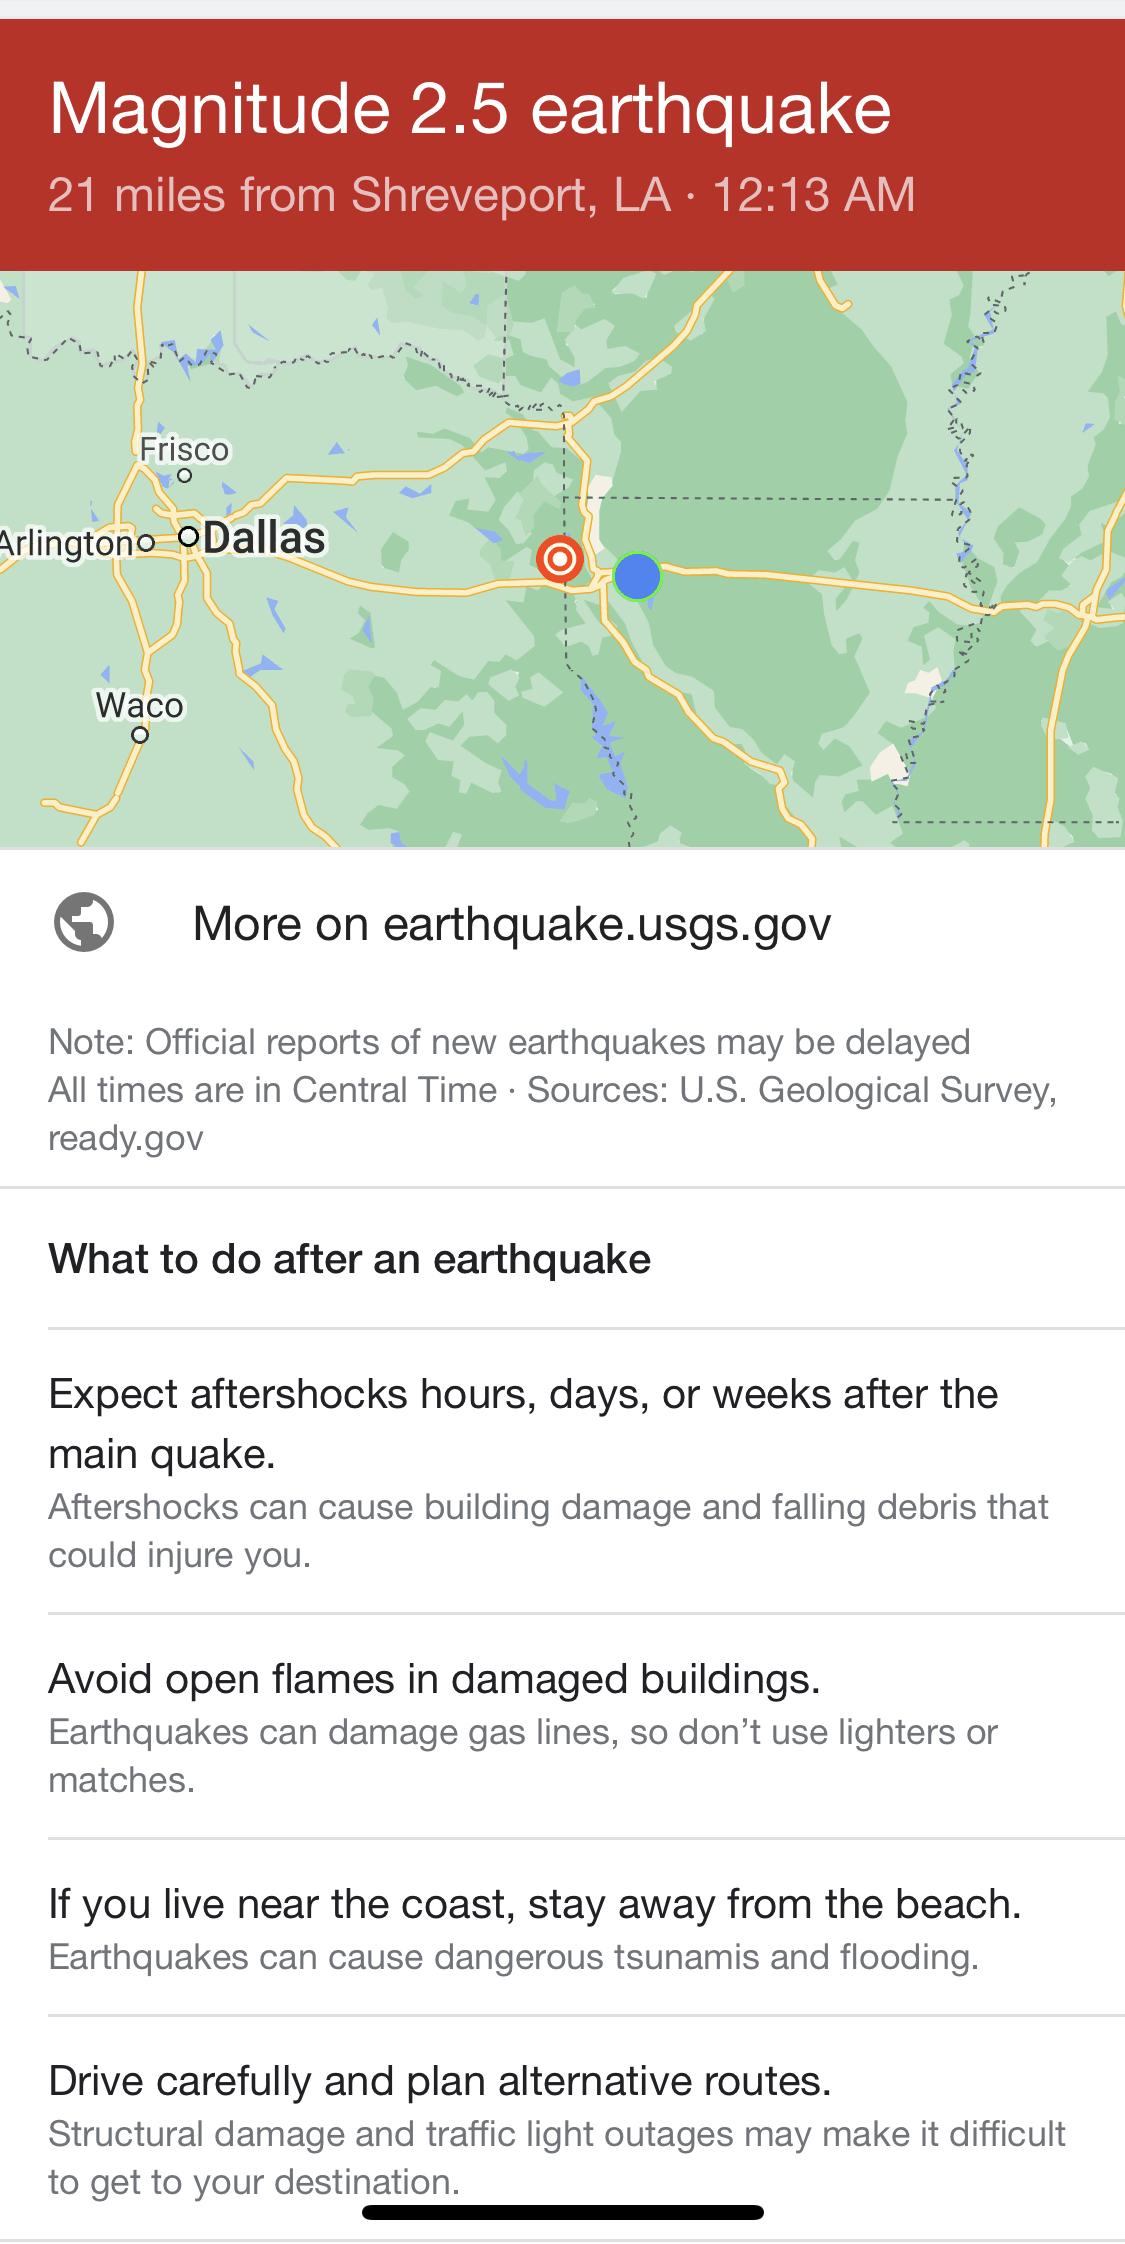 Another Earthquake Near Shreveport!